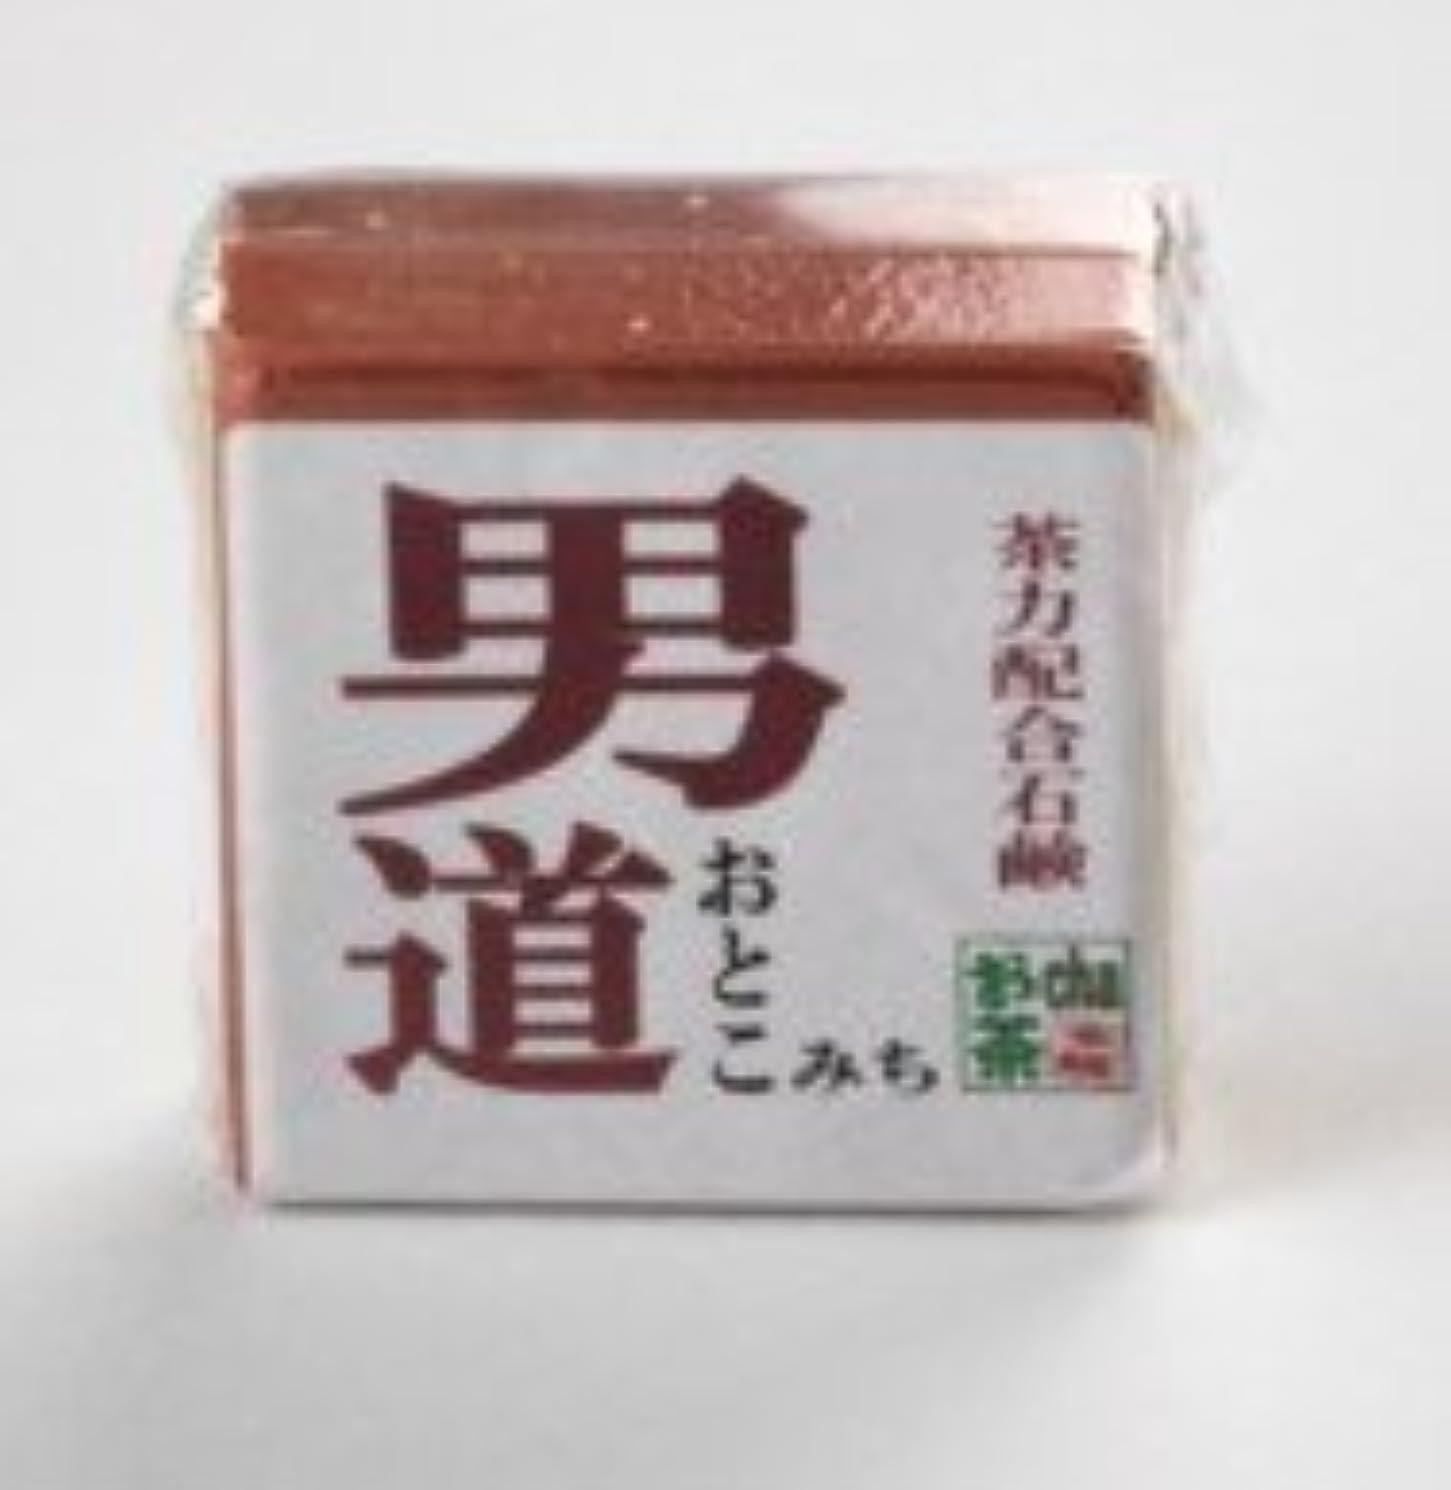 かろうじて文化意識男性用無添加石鹸 『 男 道 』(おとこみち) 115g固形タイプ 抗菌力99.9%の日本初の無添加石鹸